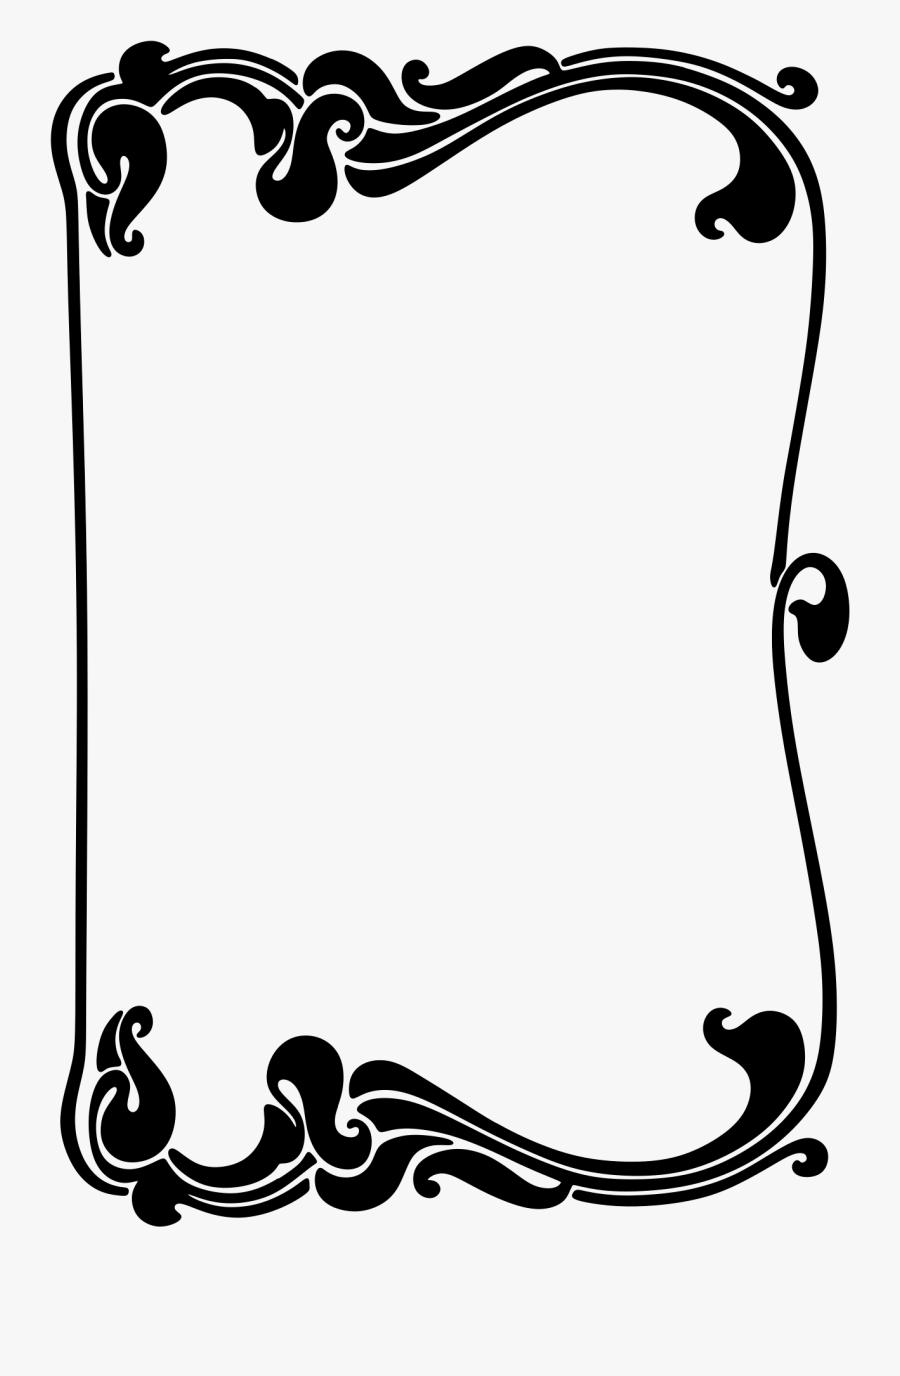 Decorative Border Clipart Art Nouveau - Free Art Nouveau Border Vector, Transparent Clipart